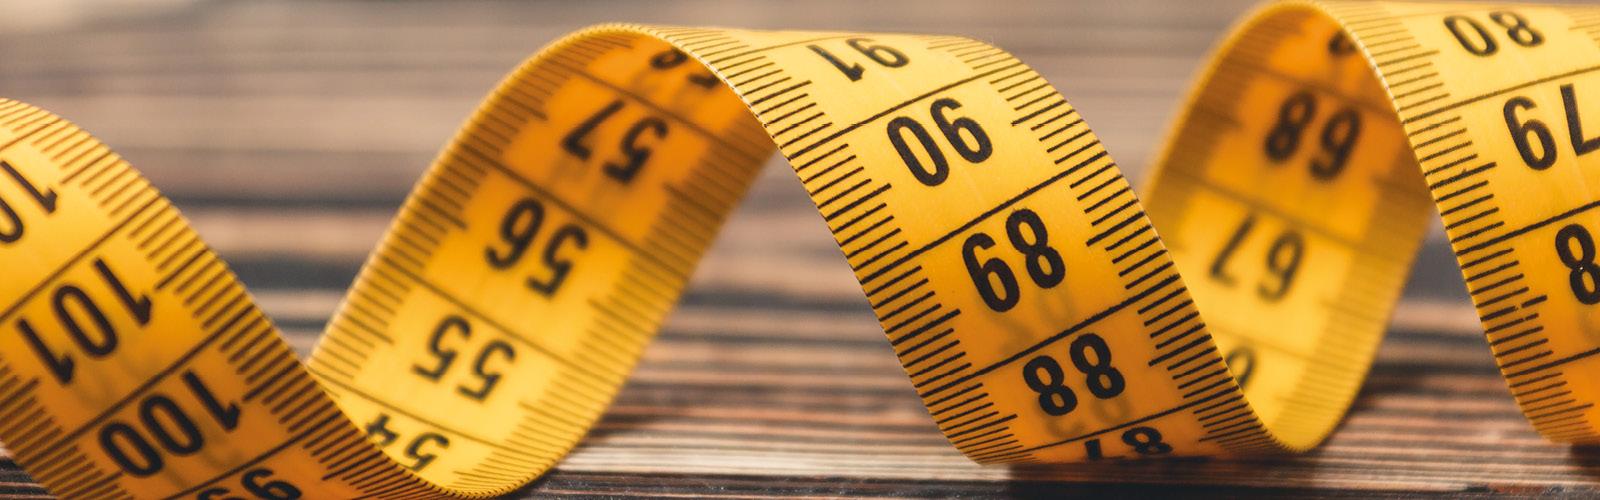 16.11.03 Web-Banner_benchmarking-measure up_nov2016.jpg